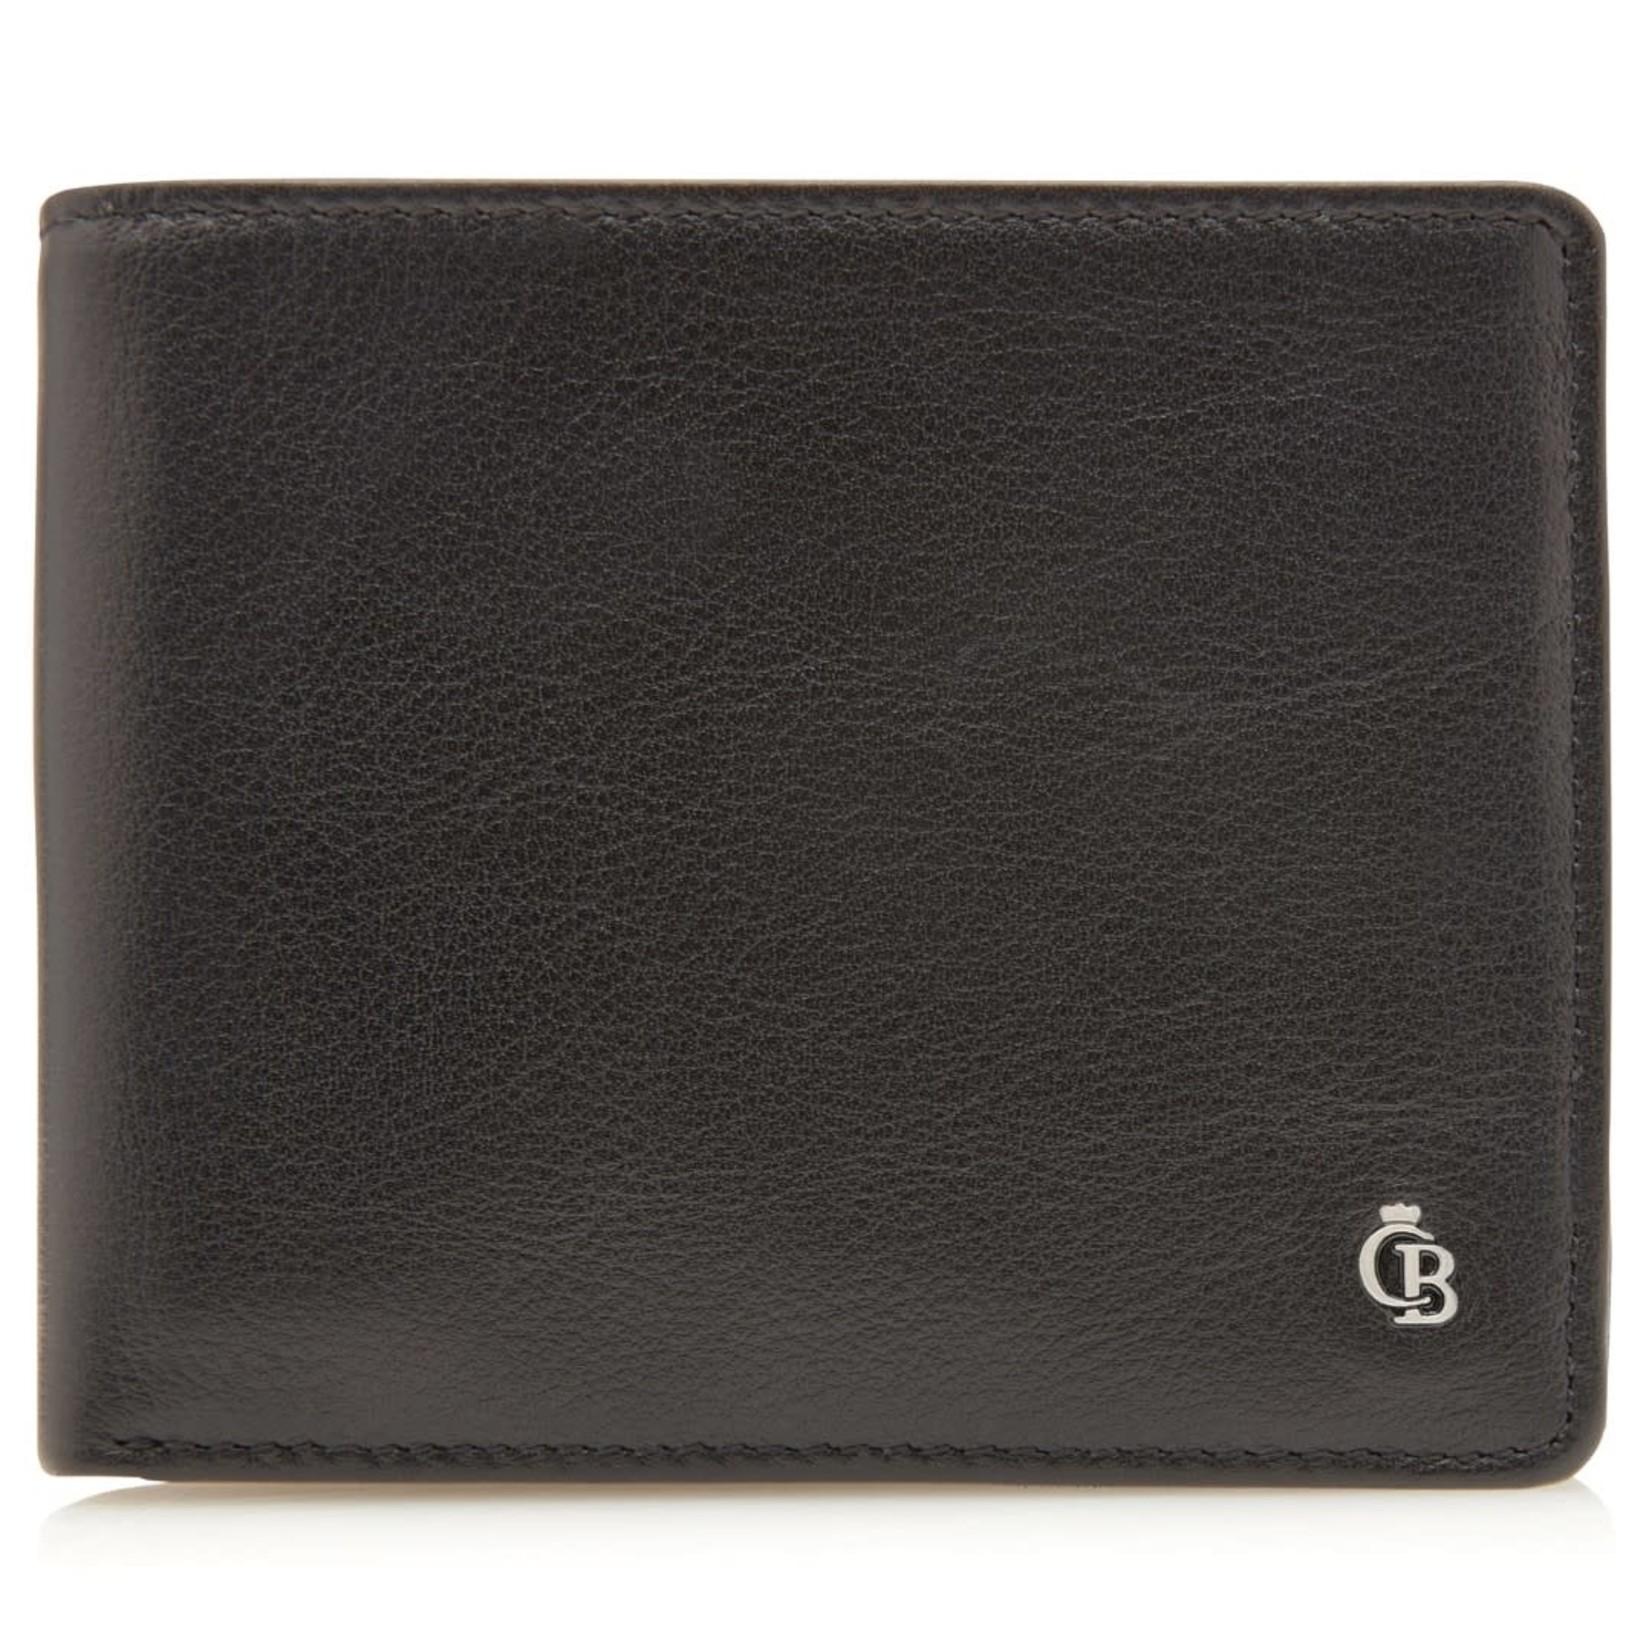 Castelijn en Beerens Billfold 5 pasjes RFID Zwart